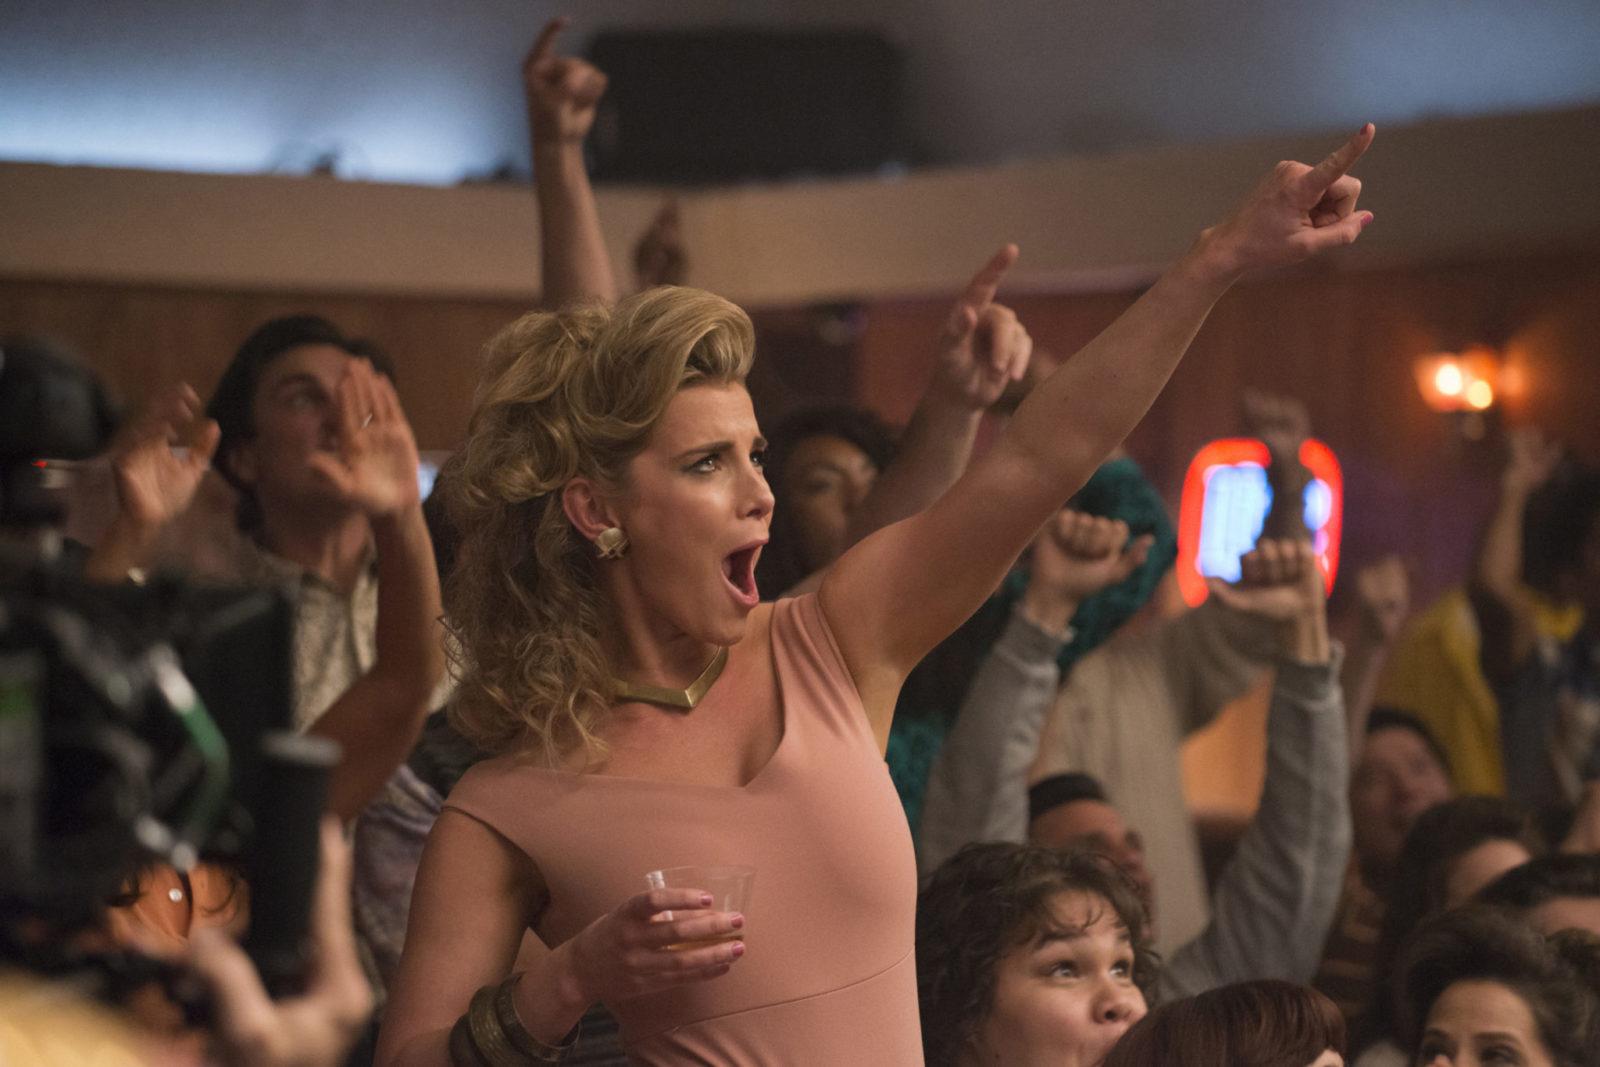 Tańcząca kobieta ubrana w różową bluzkę